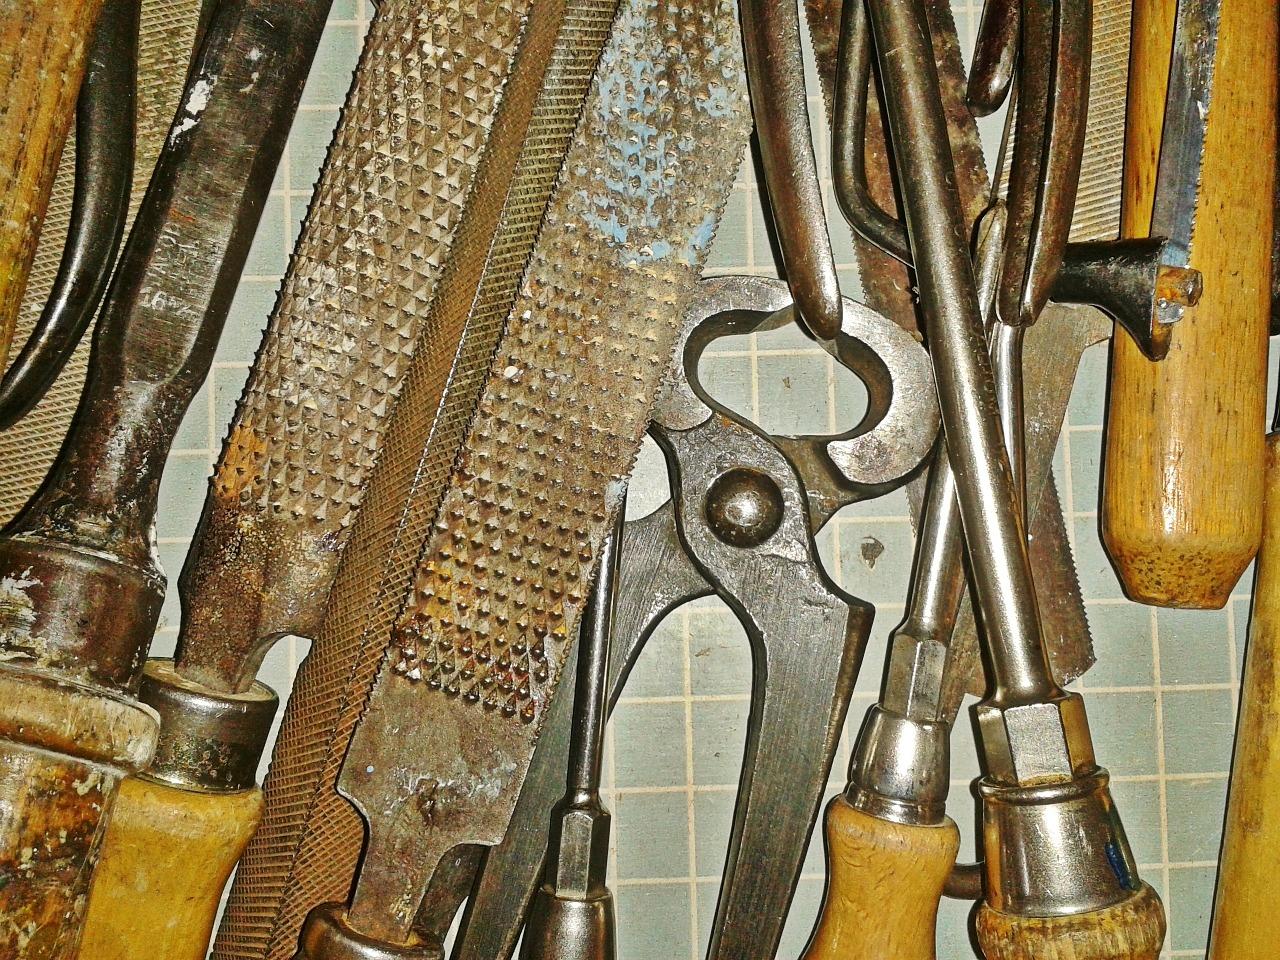 Tools, Mechanic, Metal, Object, Tool, HQ Photo